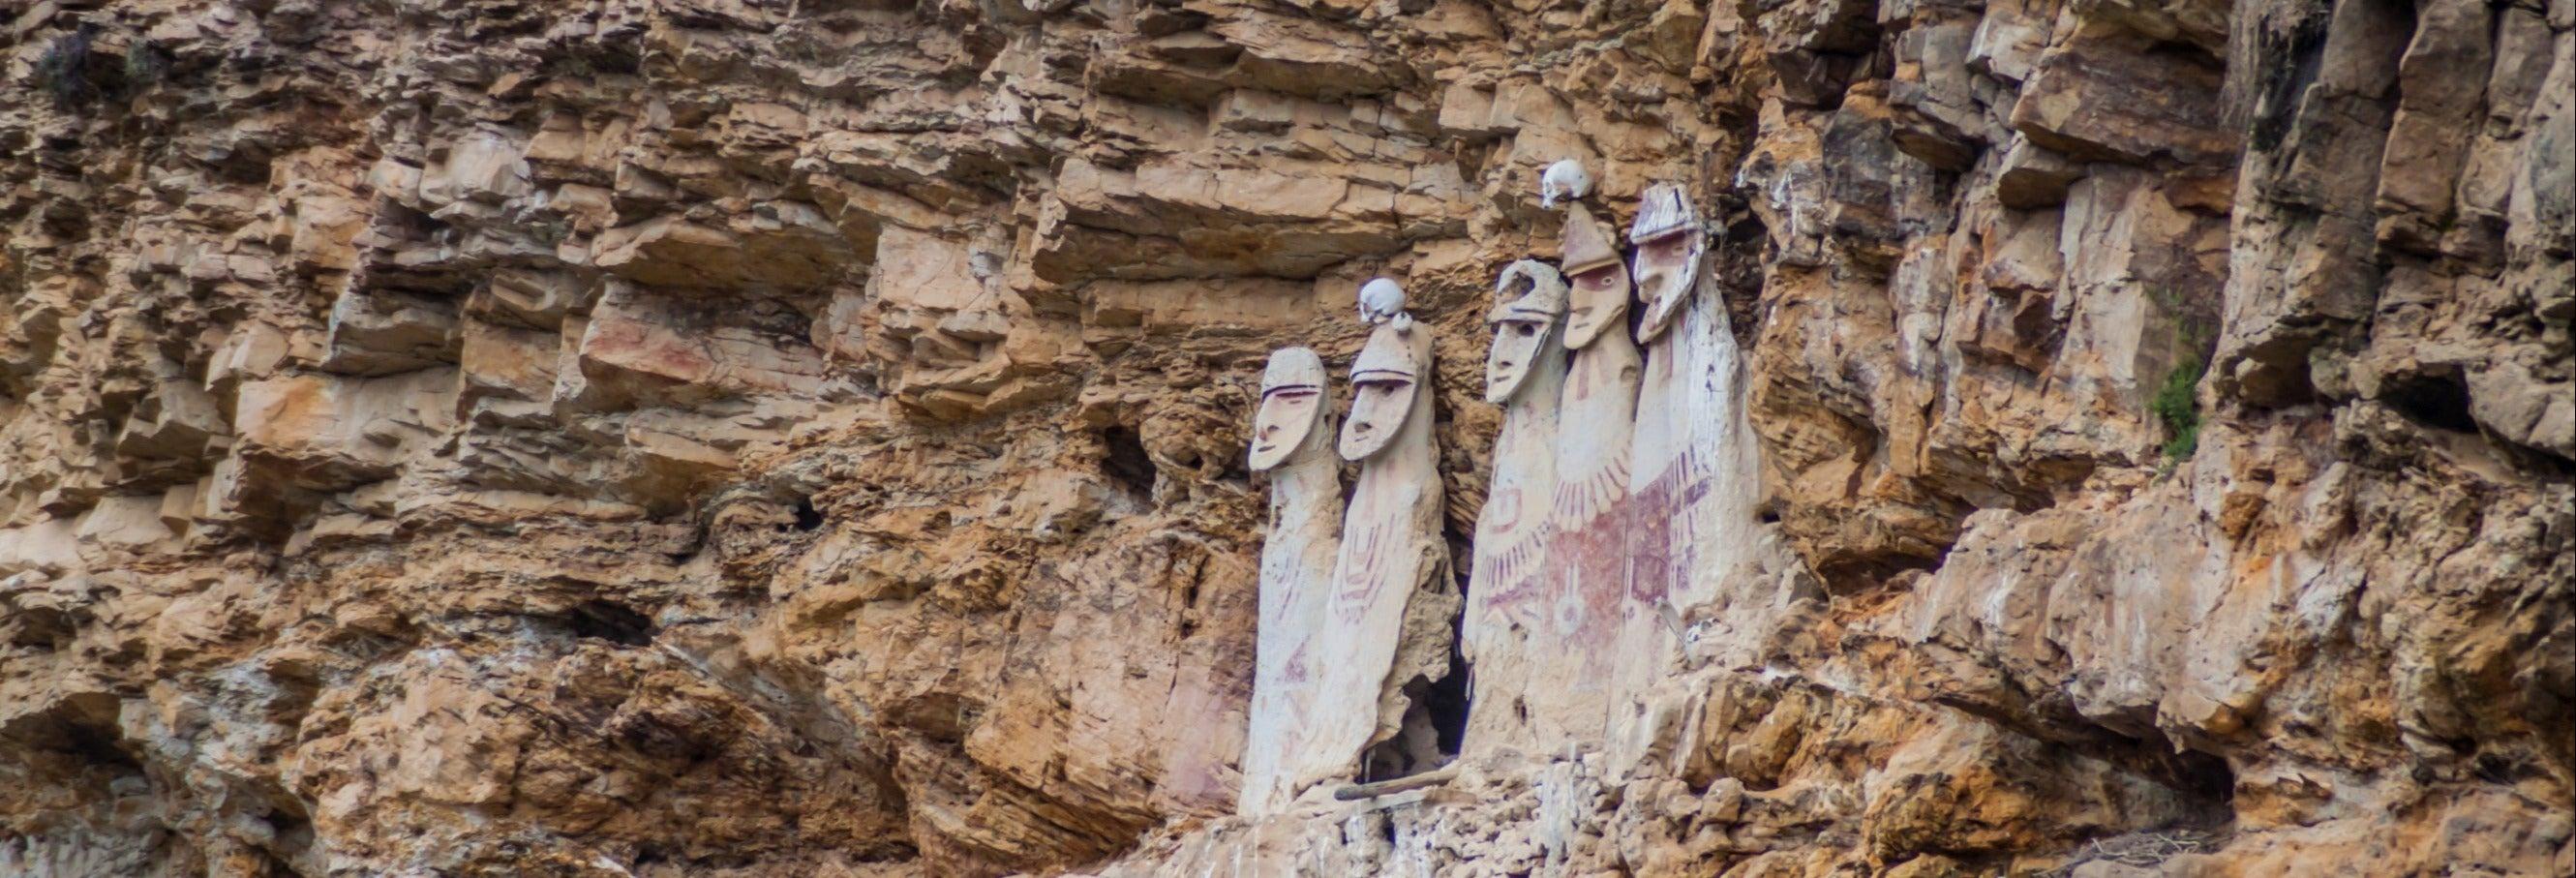 Sarcófagos de Carajía e Grutas de Quiocta